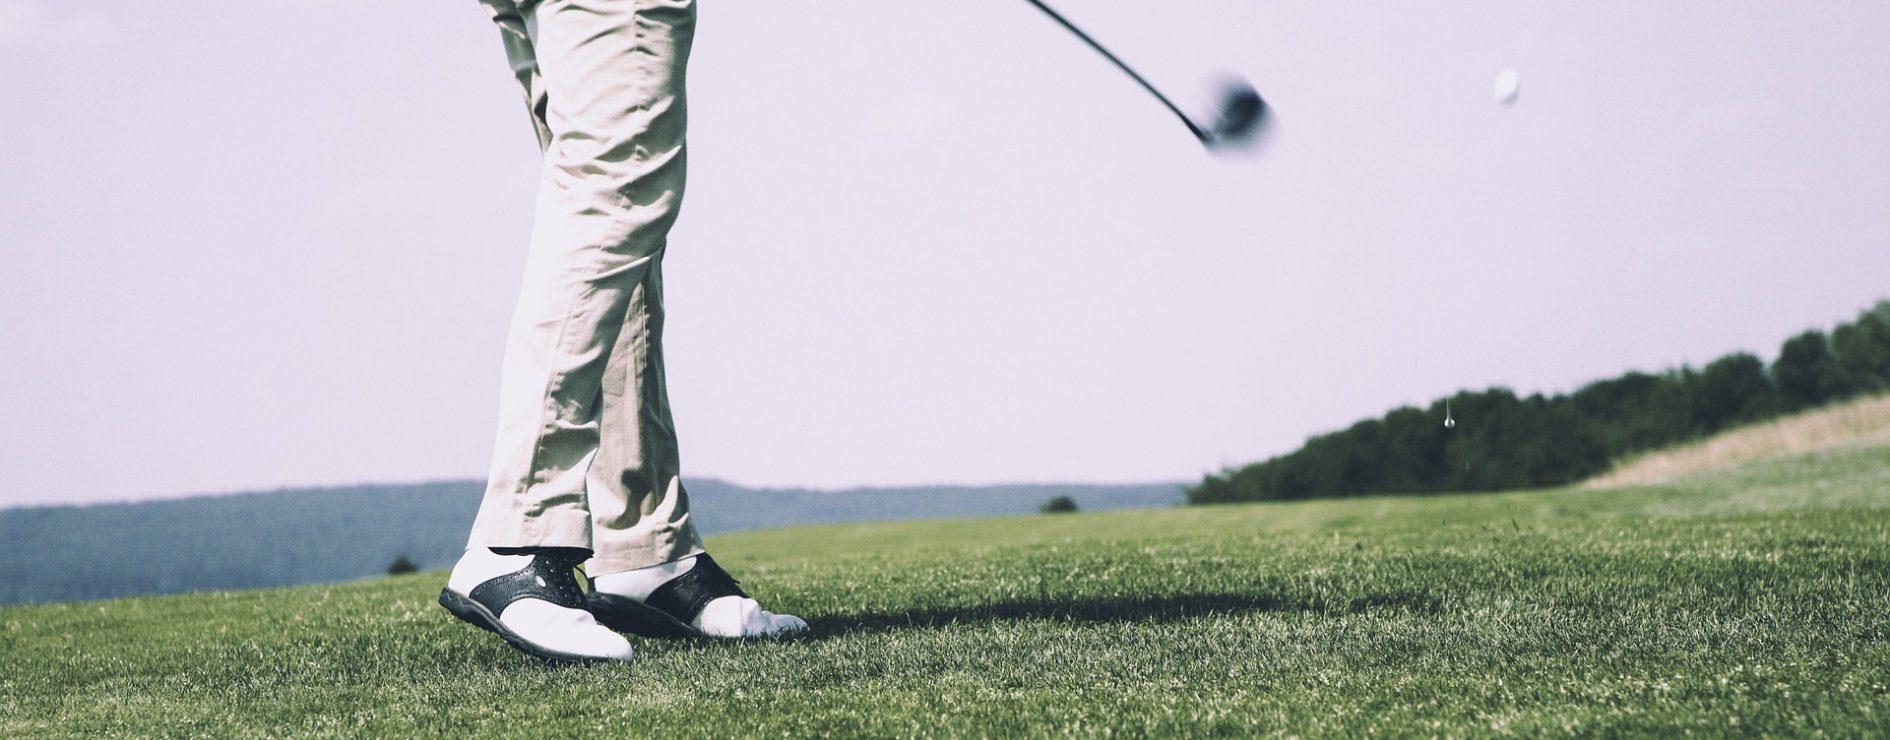 Naterki Golf